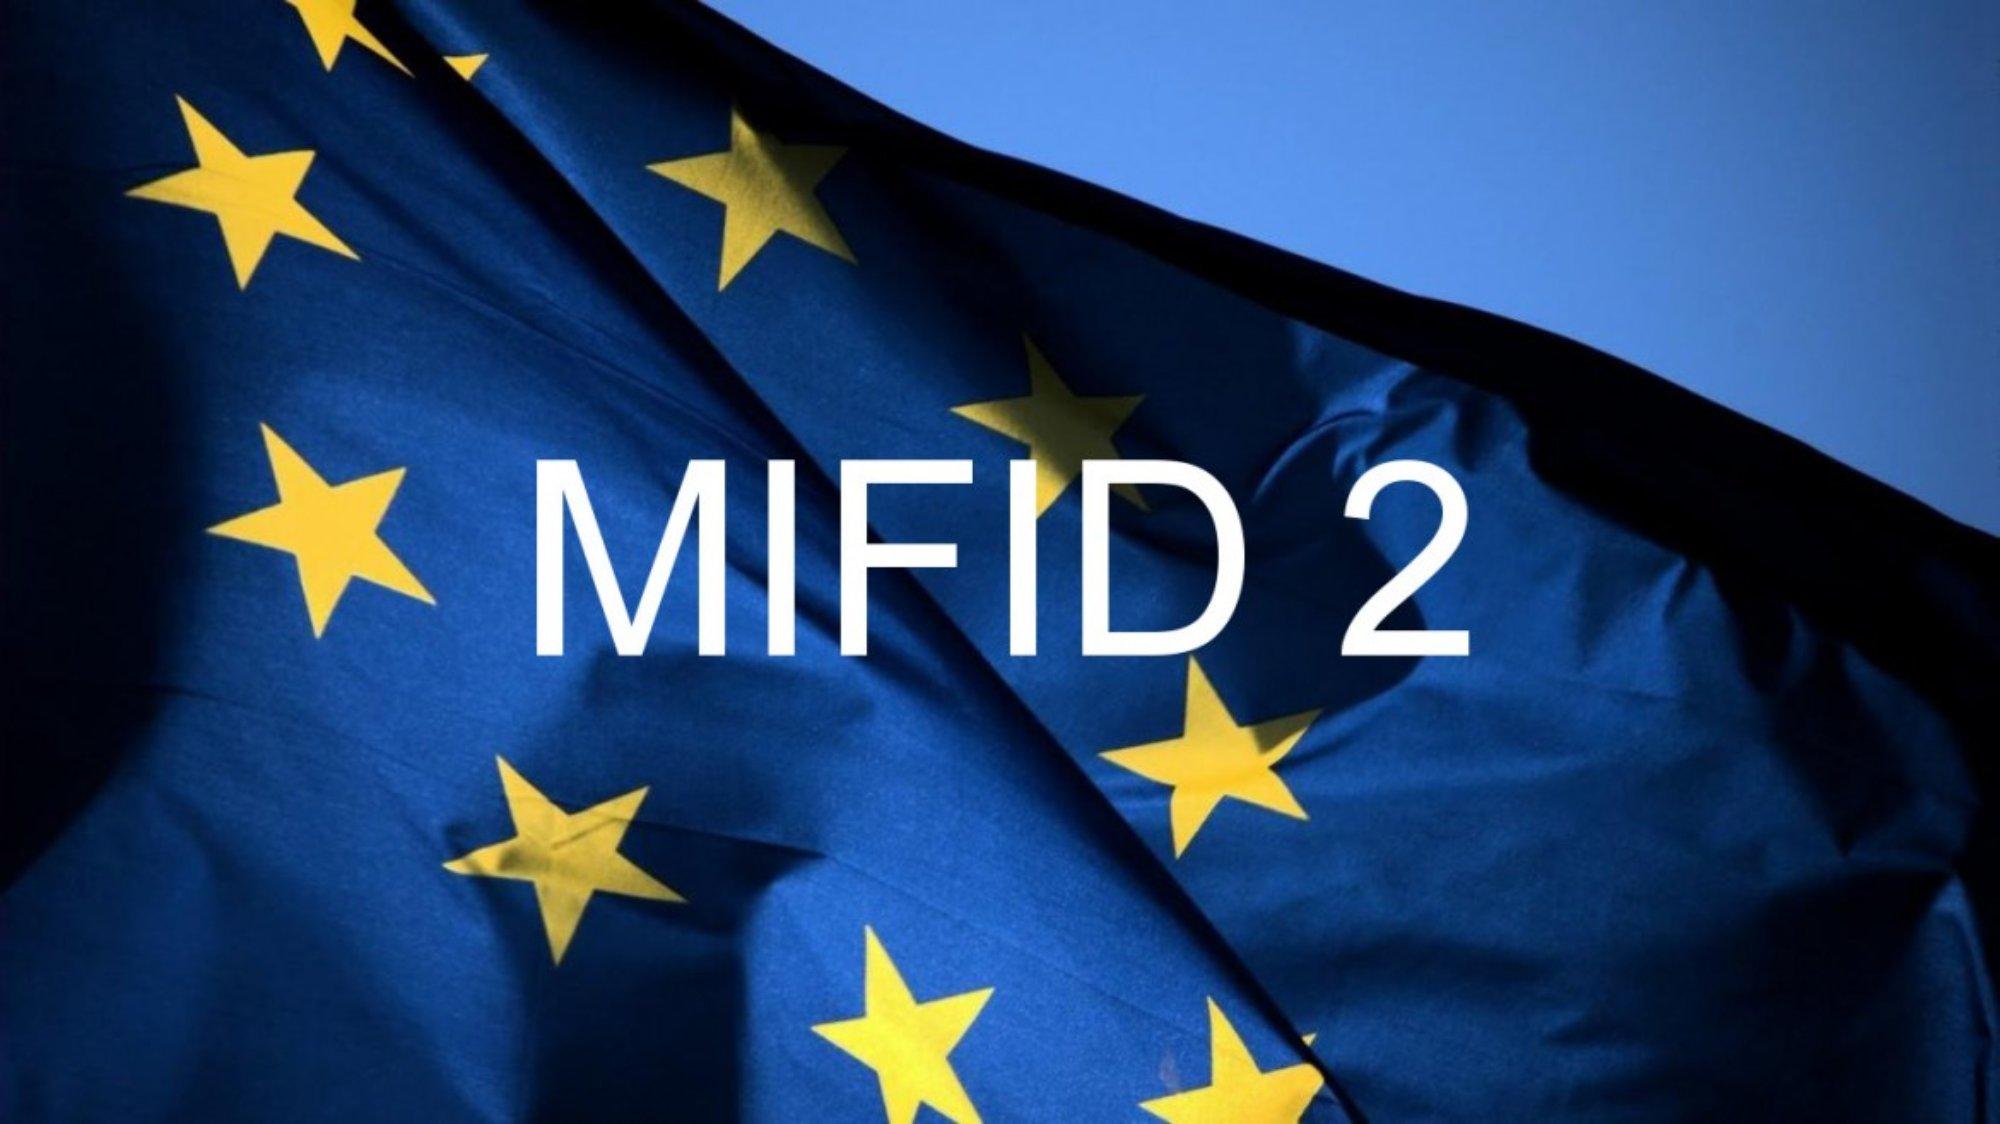 MiFid II, i dettagli di una rivoluzione all'insegna della trasparenza